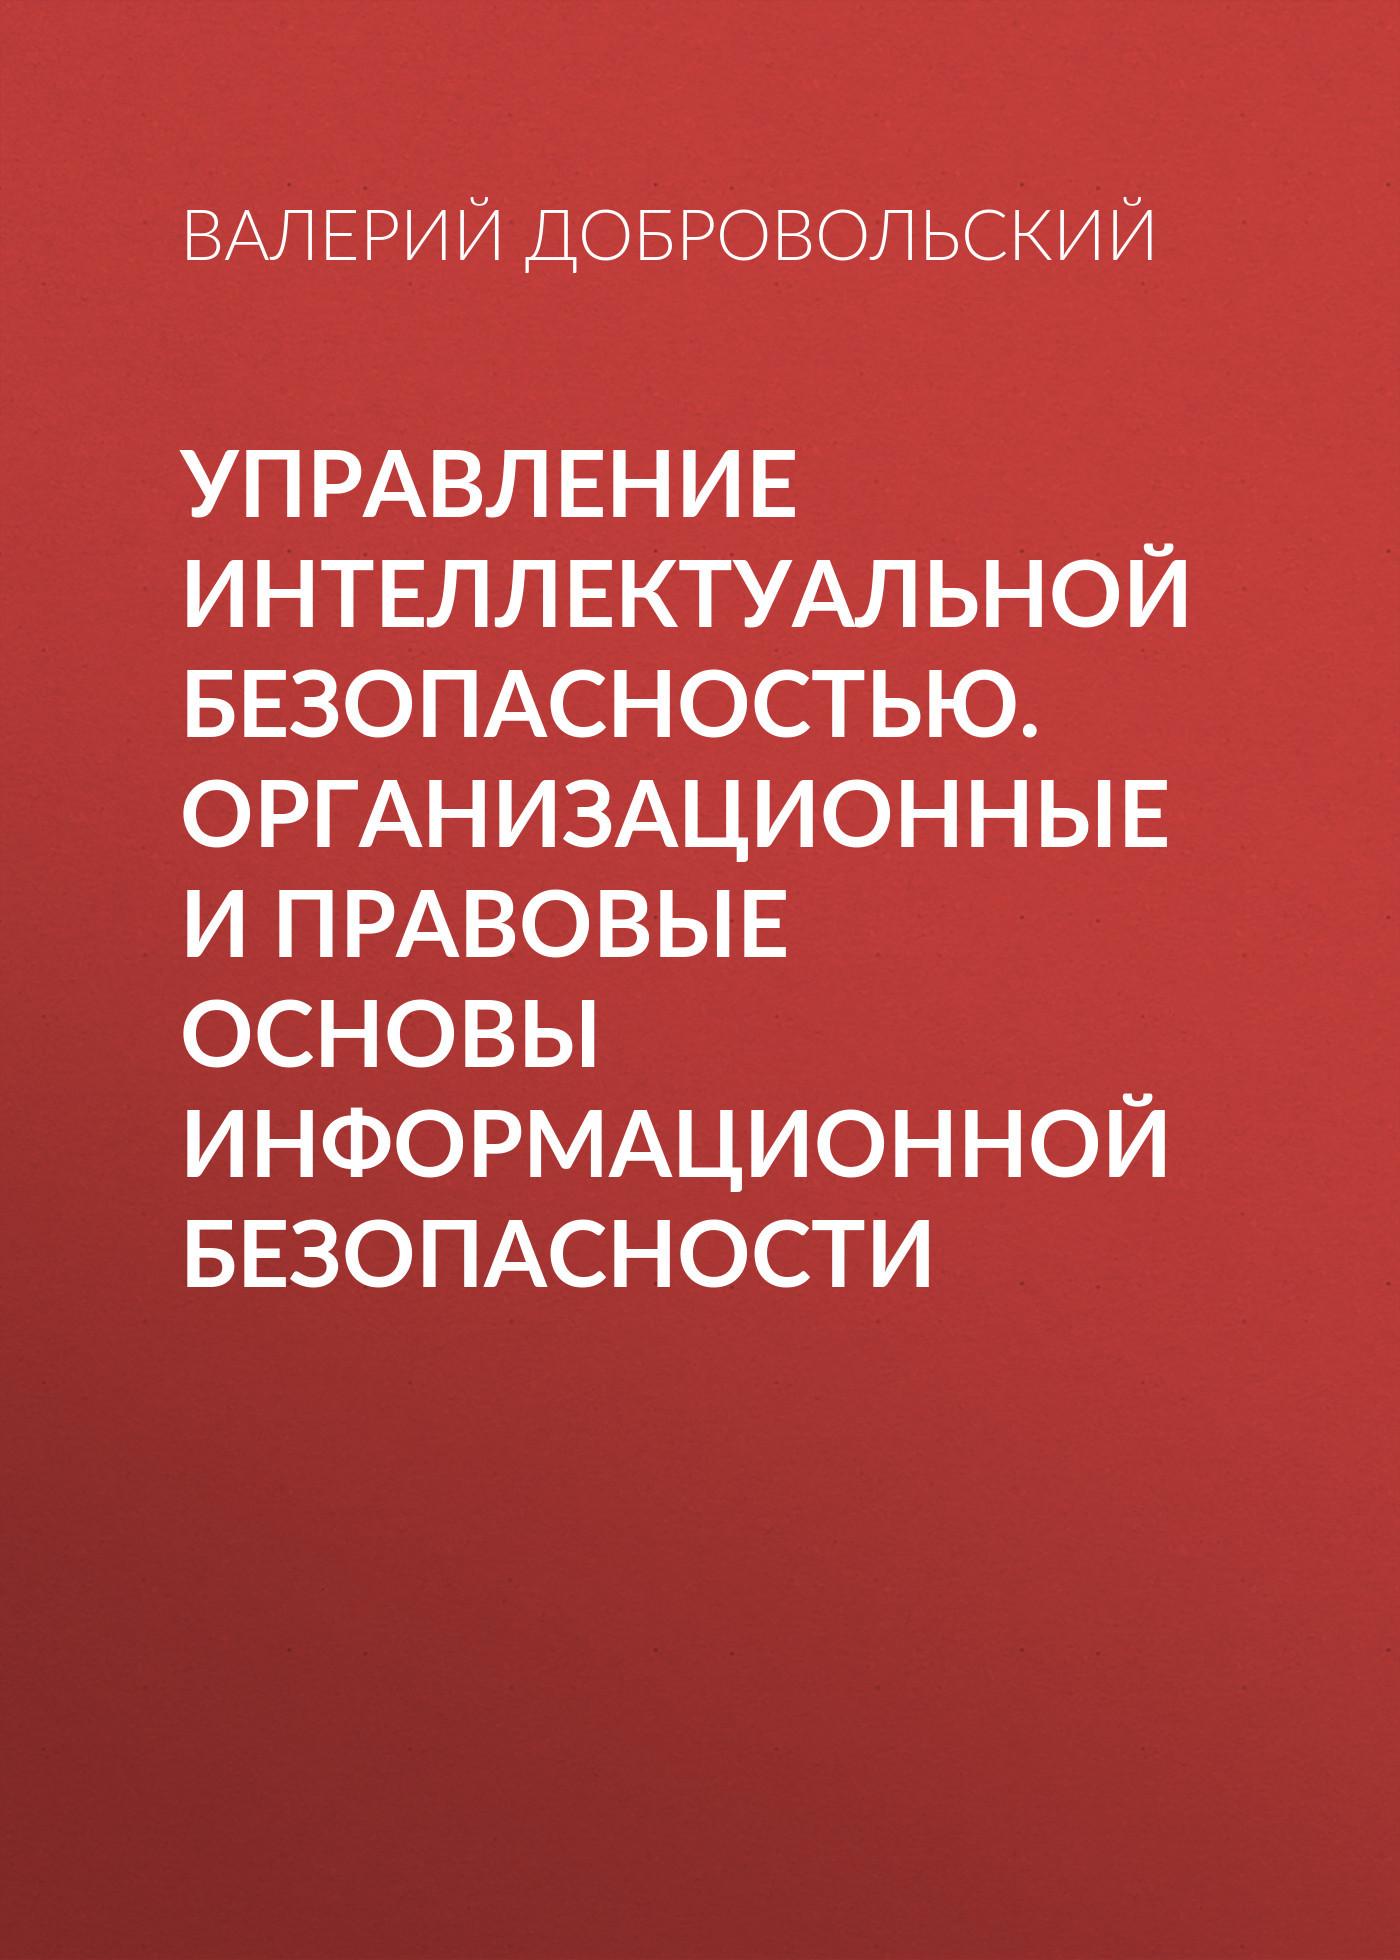 Валерий Добровольский. Управление интеллектуальной безопасностью. Организационные и правовые основы информационной безопасности